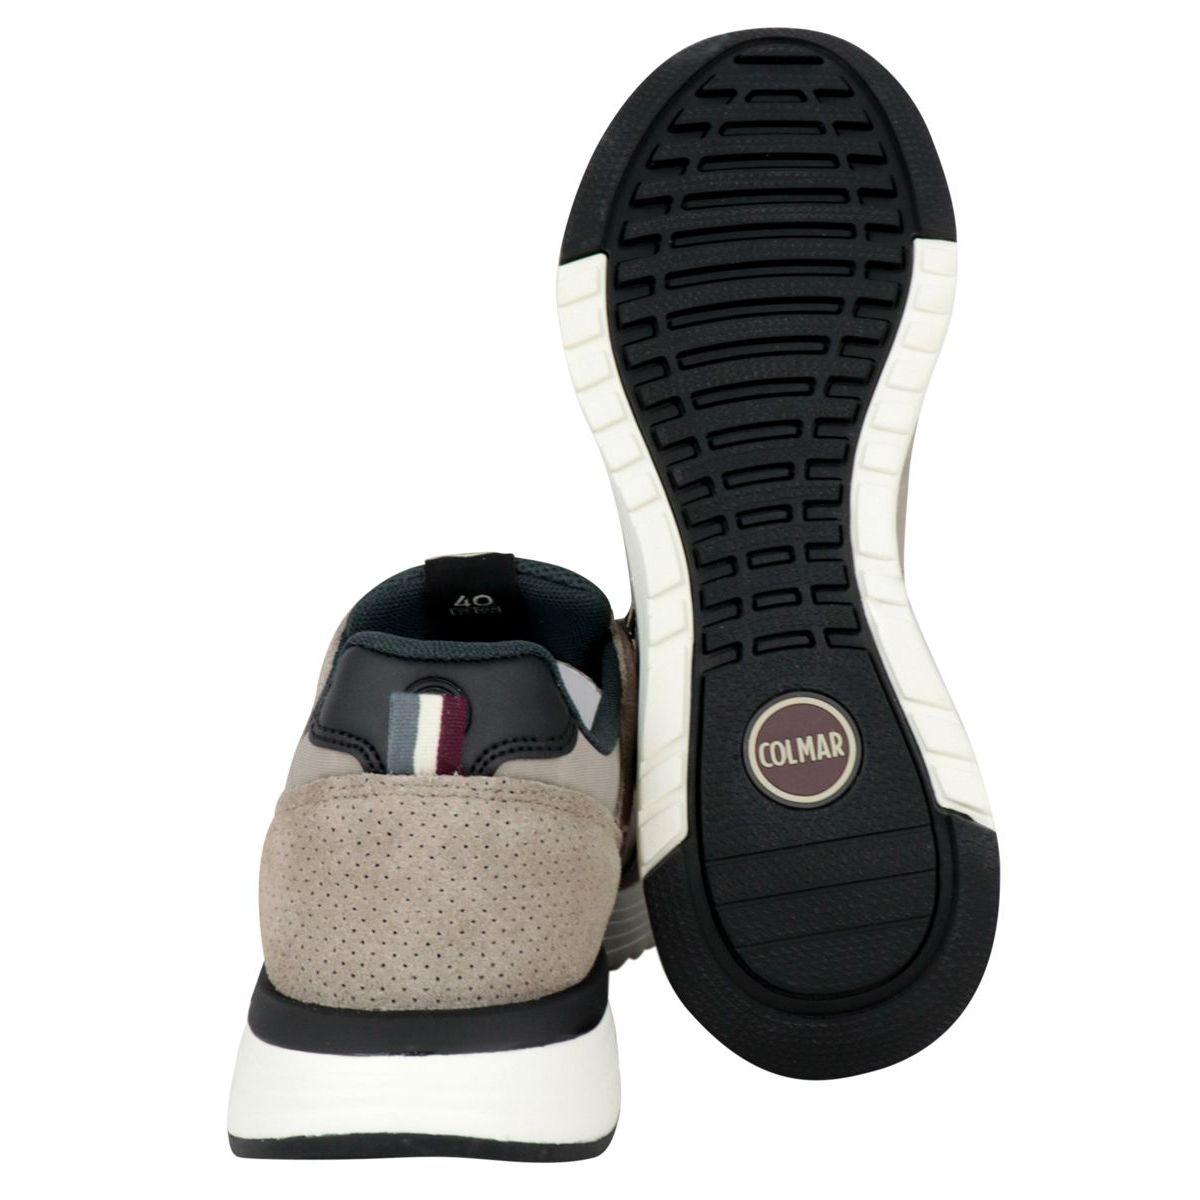 Travis Tones sneakers Grey Colmar Shoes